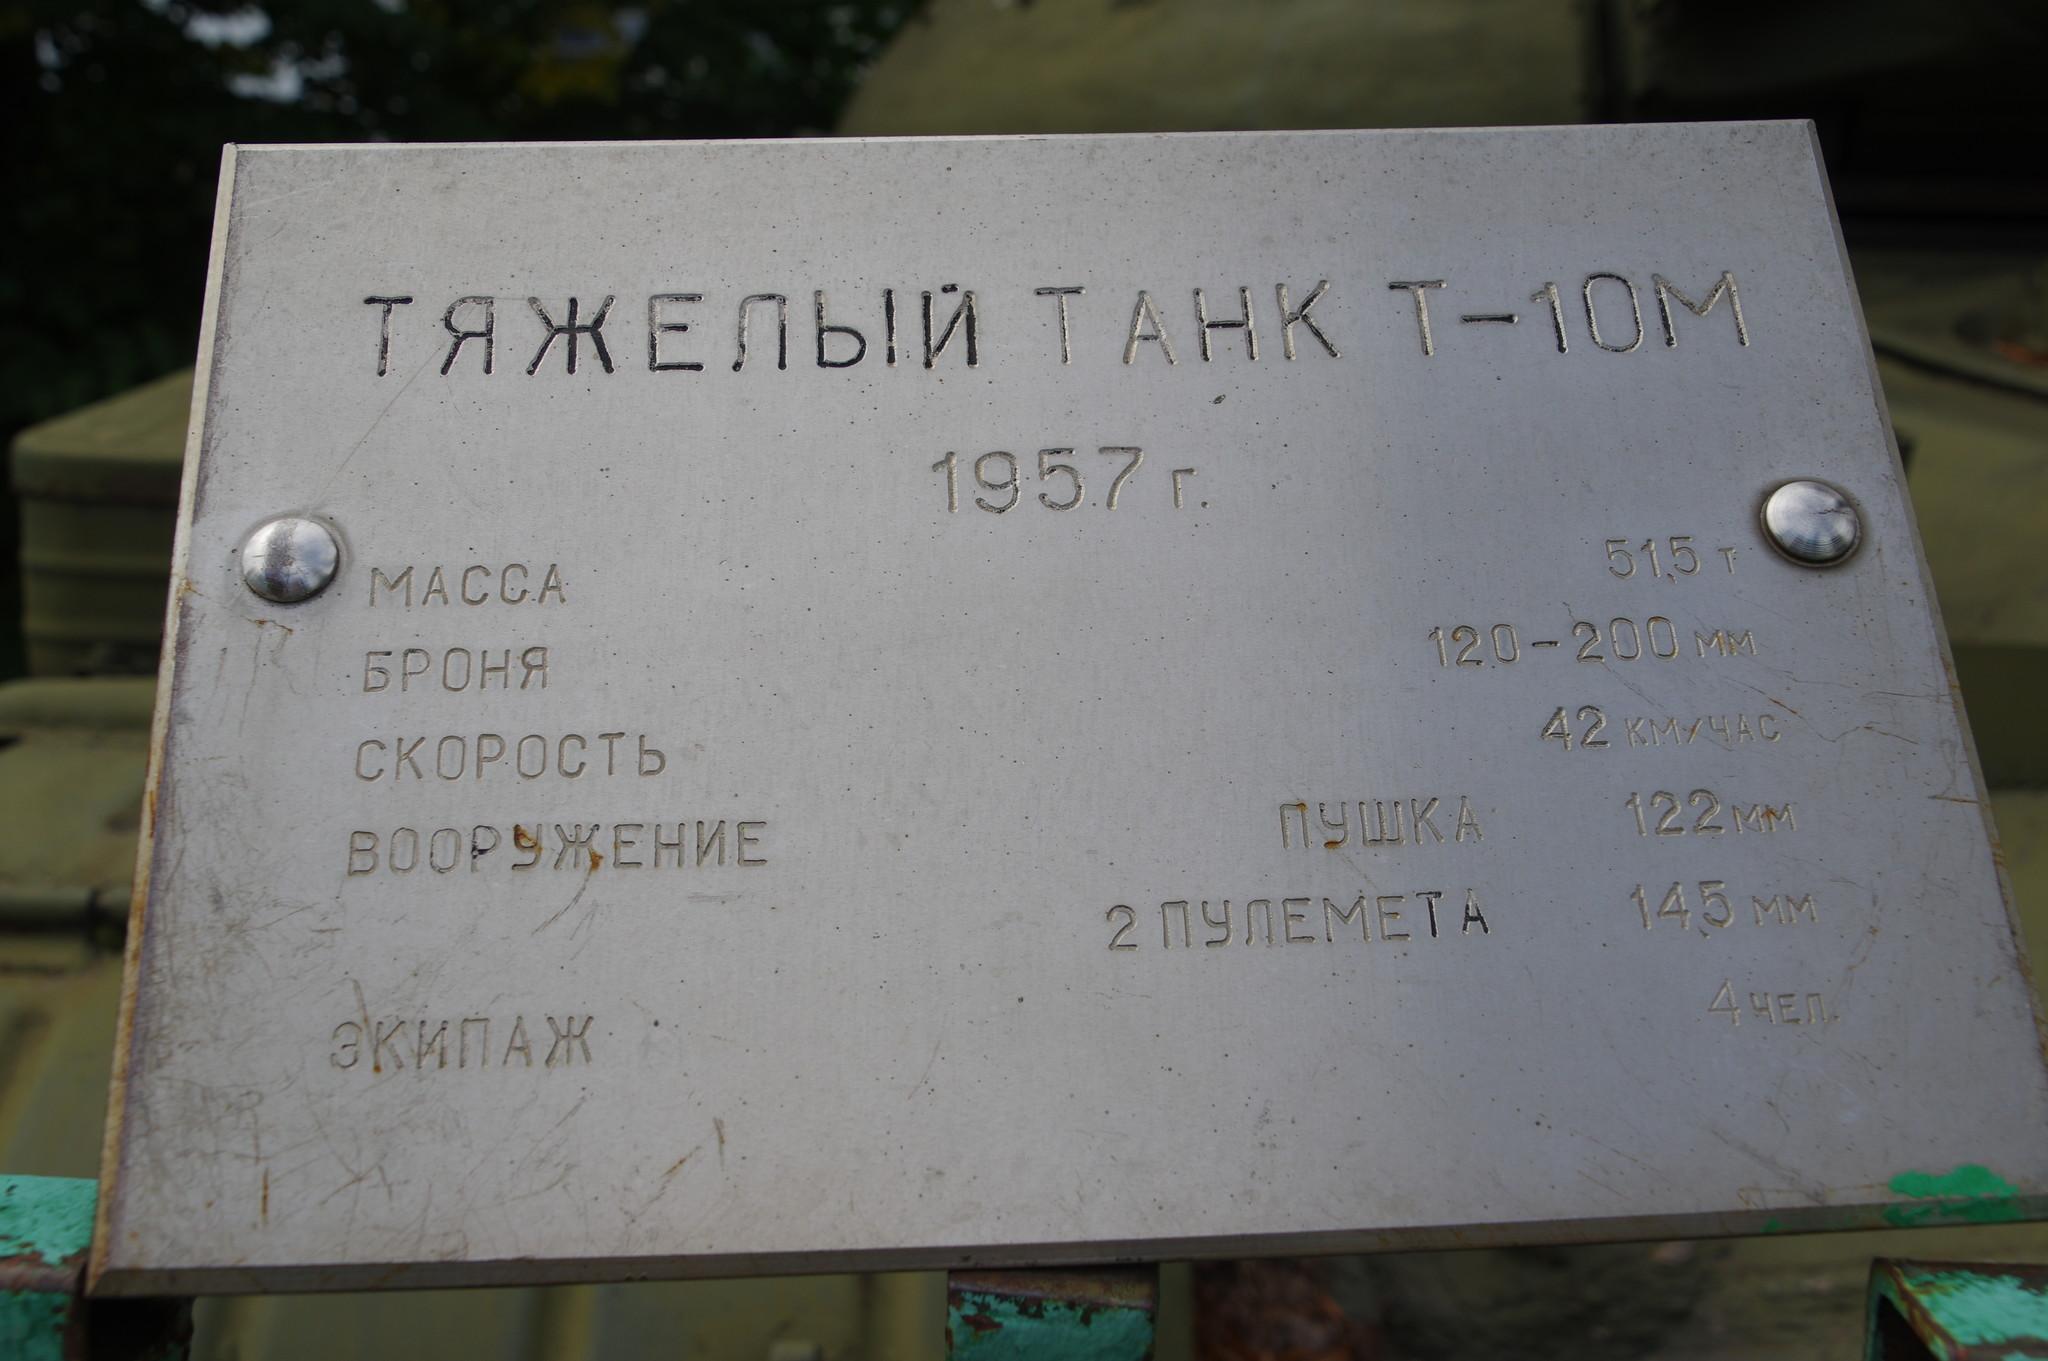 Тяжёлый танк Т-10М. Центральный музей Вооружённых сил Российской Федерации